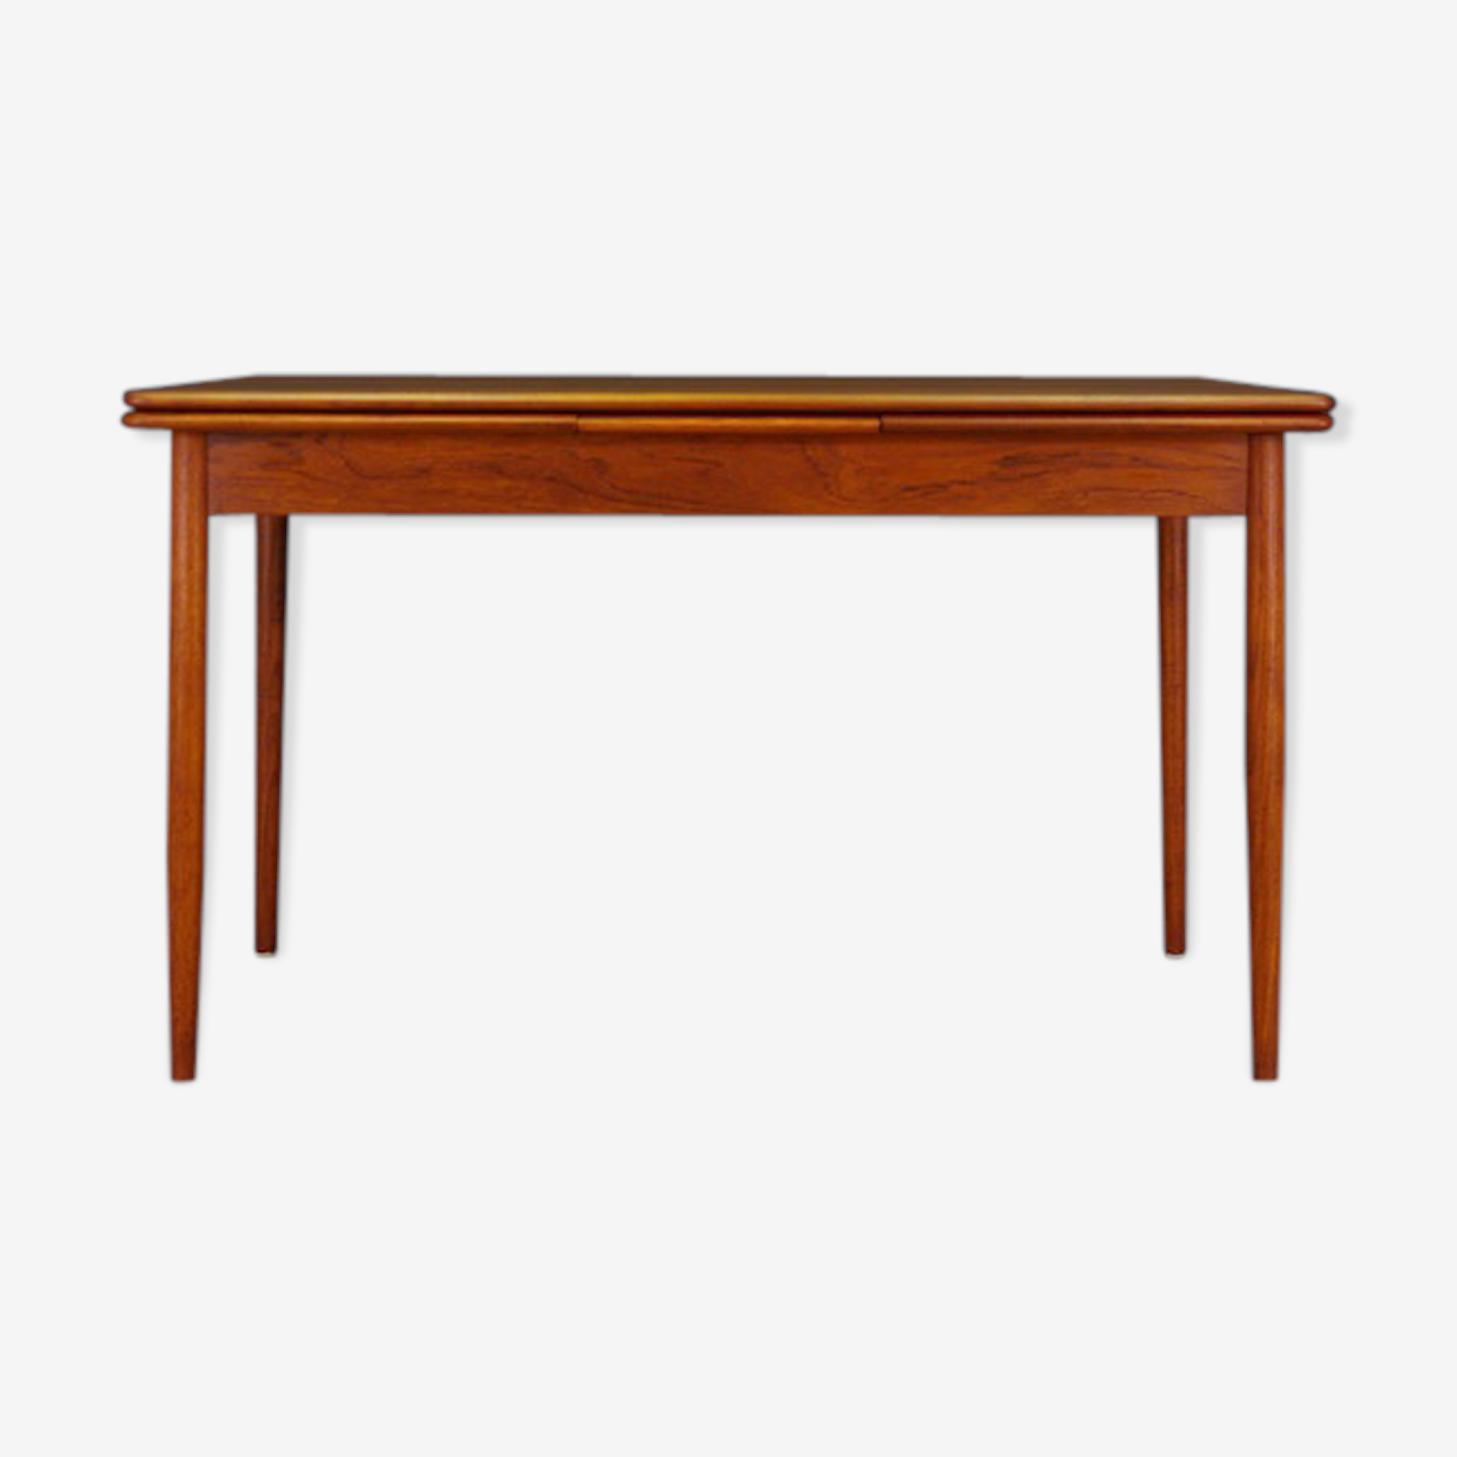 Table en teck, design danois classique, 60/70's